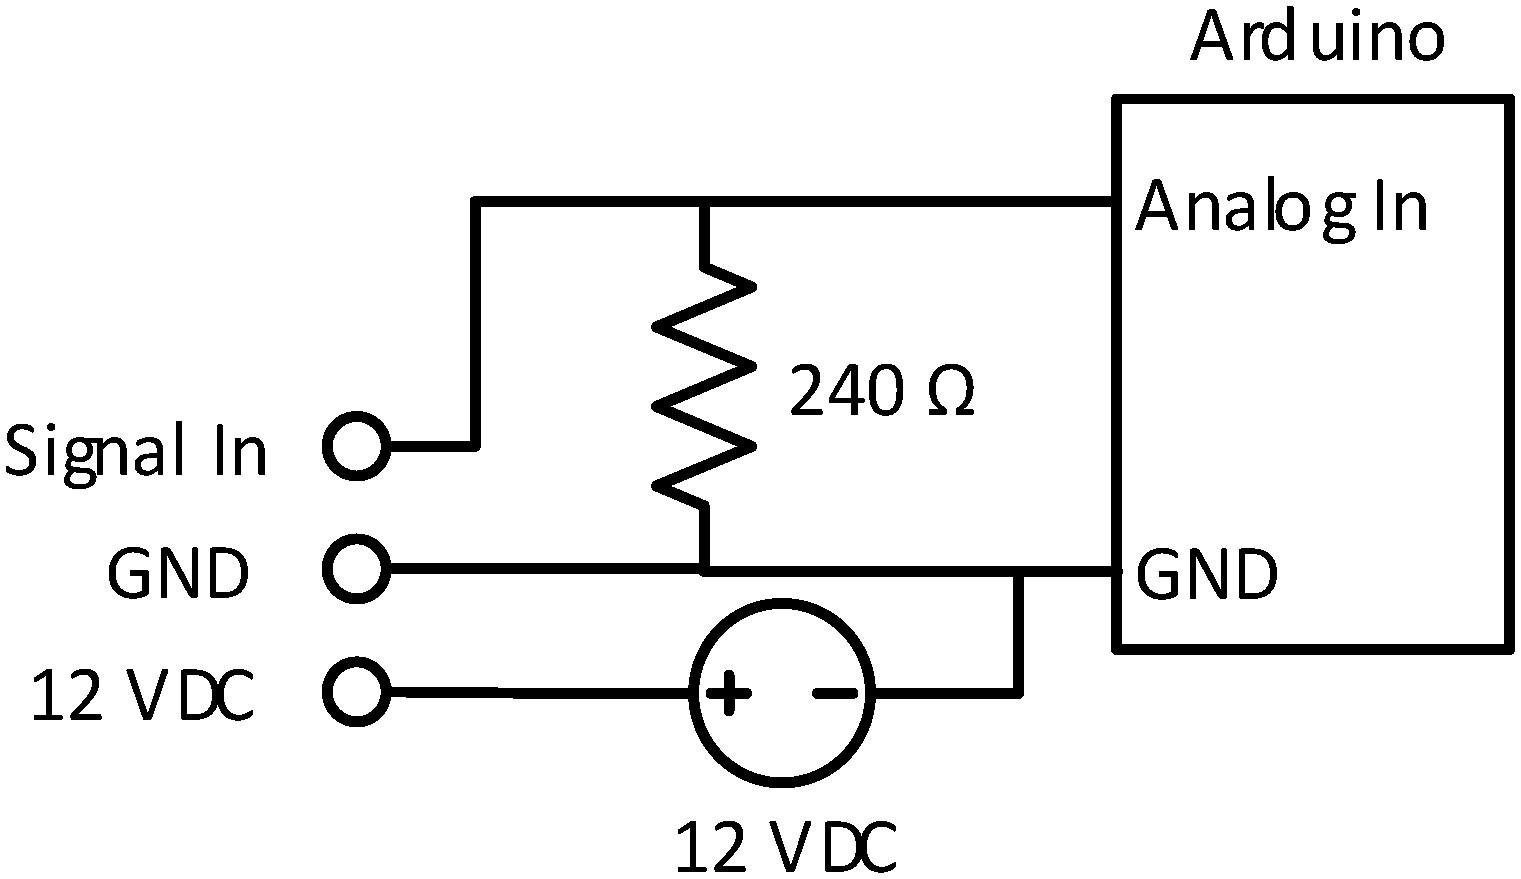 Miraculous Belimo Analog Motor Wiring Diagrams Wiring Diagram Tutorial Wiring Cloud Loplapiotaidewilluminateatxorg